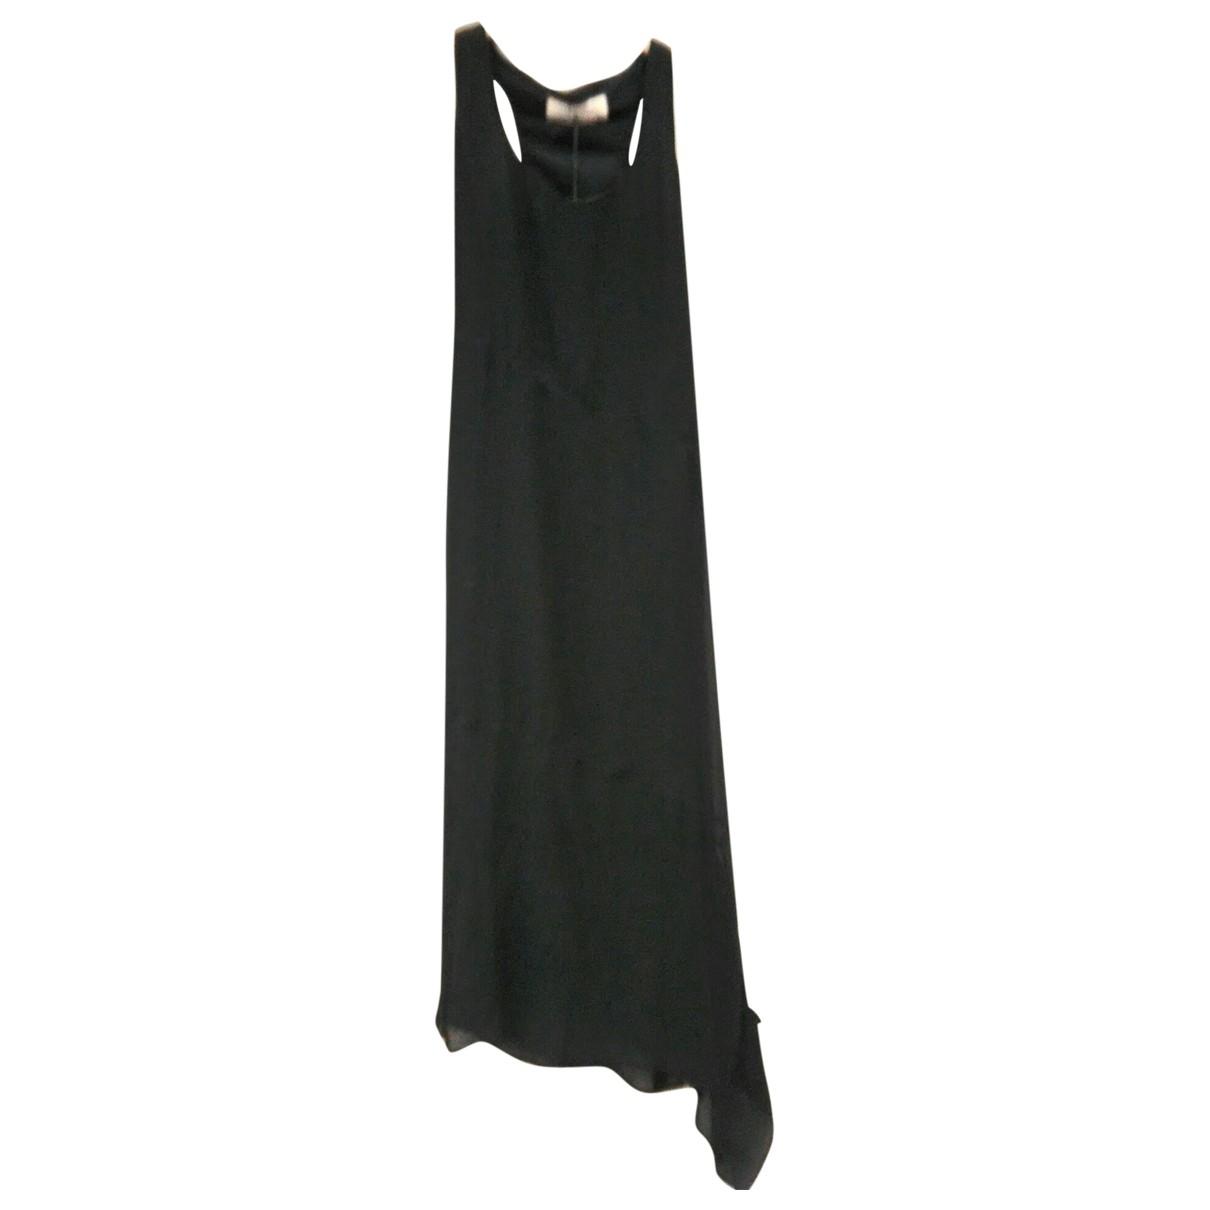 John Galliano \N Black dress for Women 36 FR